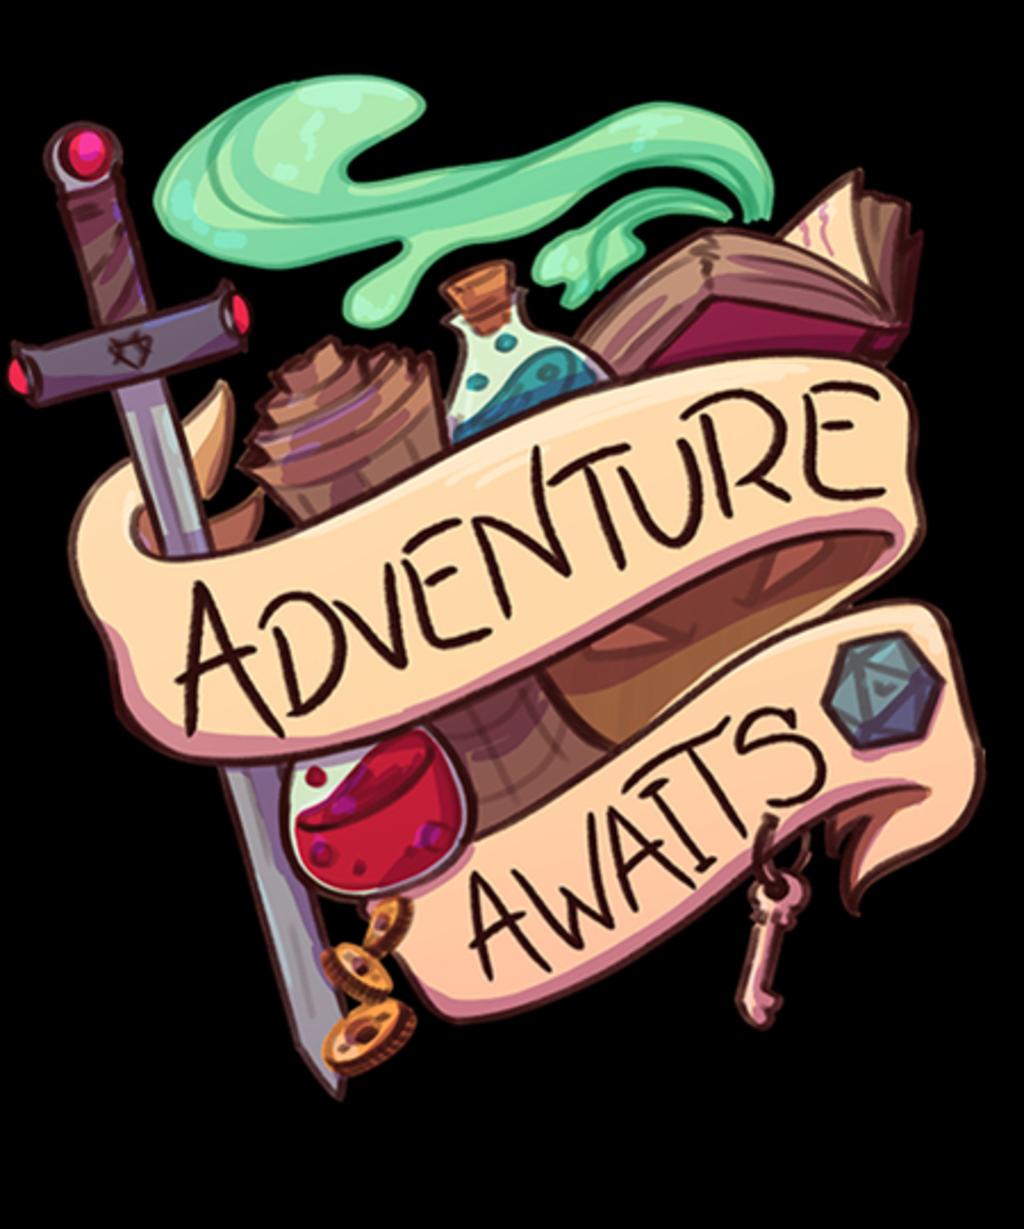 Qwertee: Adventure Awaits